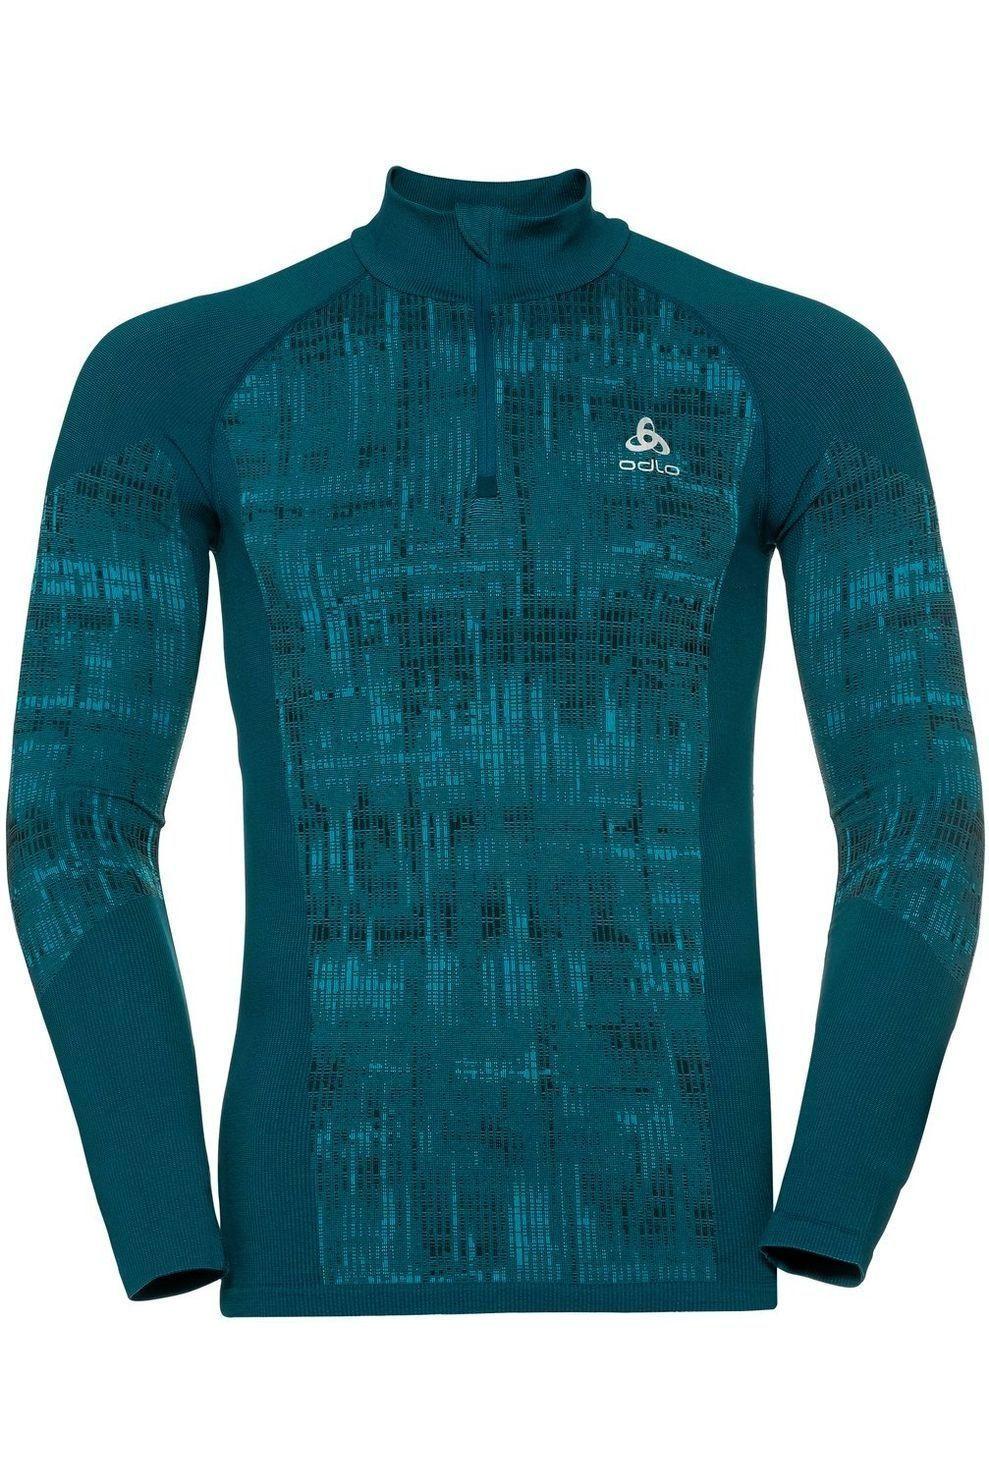 Odlo Fleece Blackcomb voor heren - Blauw - Maten: S, M, L, XL